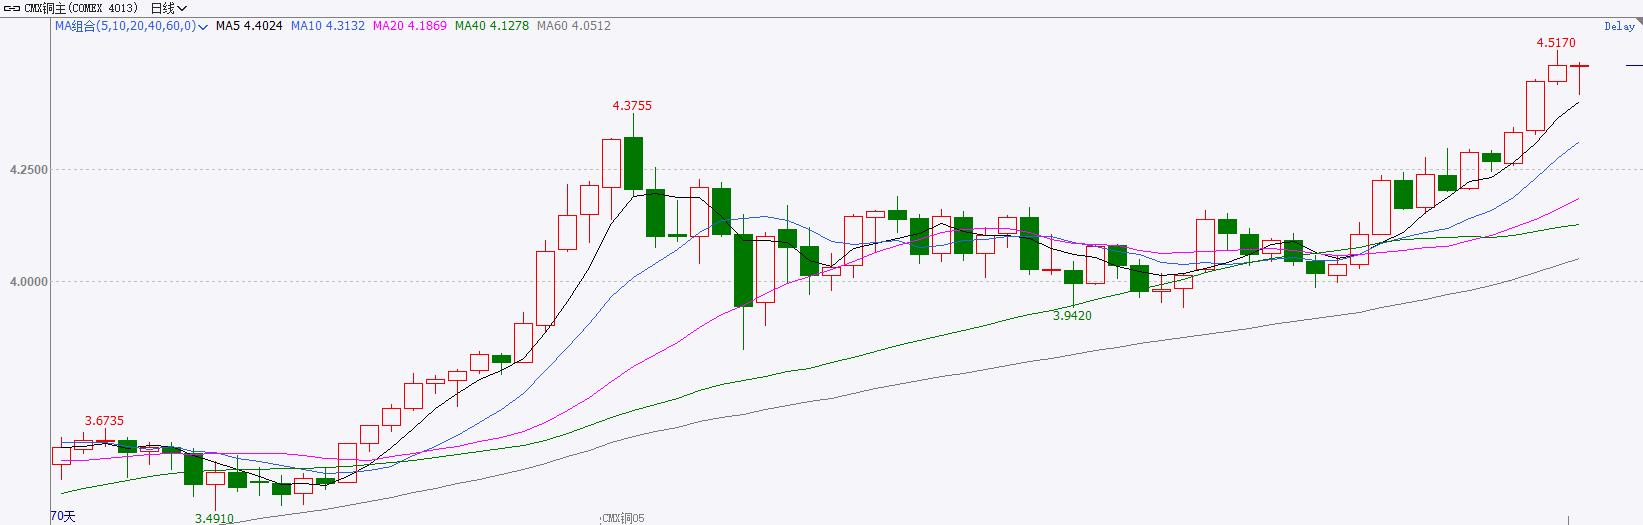 关注美联储利率决议 COMEX铜高位震荡